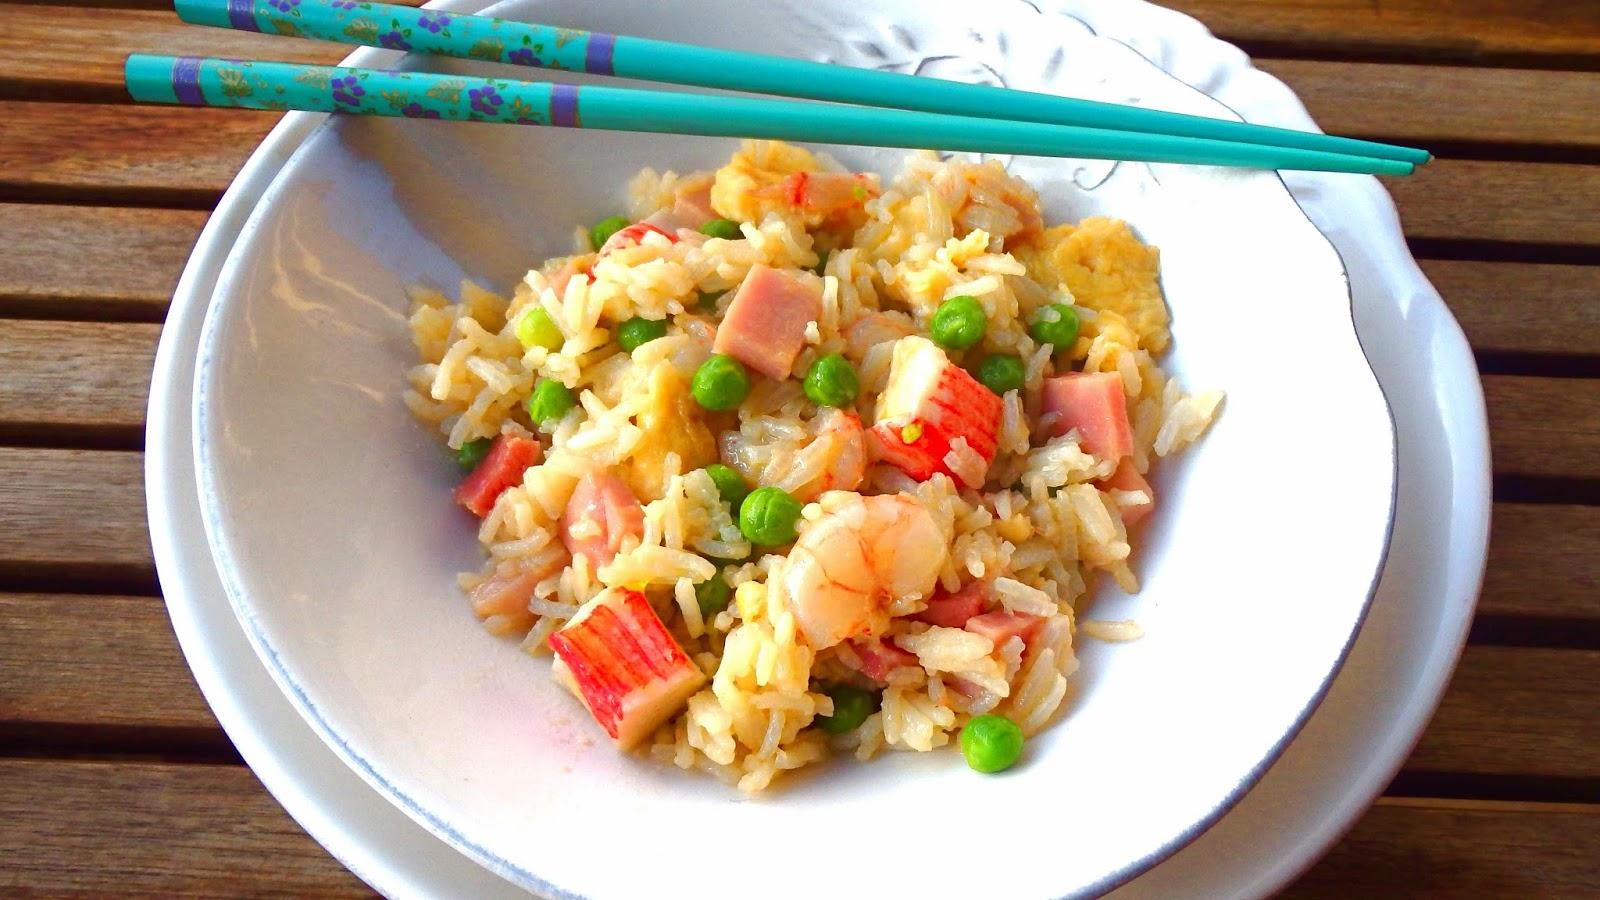 Les receptes que m 39 agraden arroz 3 delicias con gambas for Cocinar arroz 3 delicias